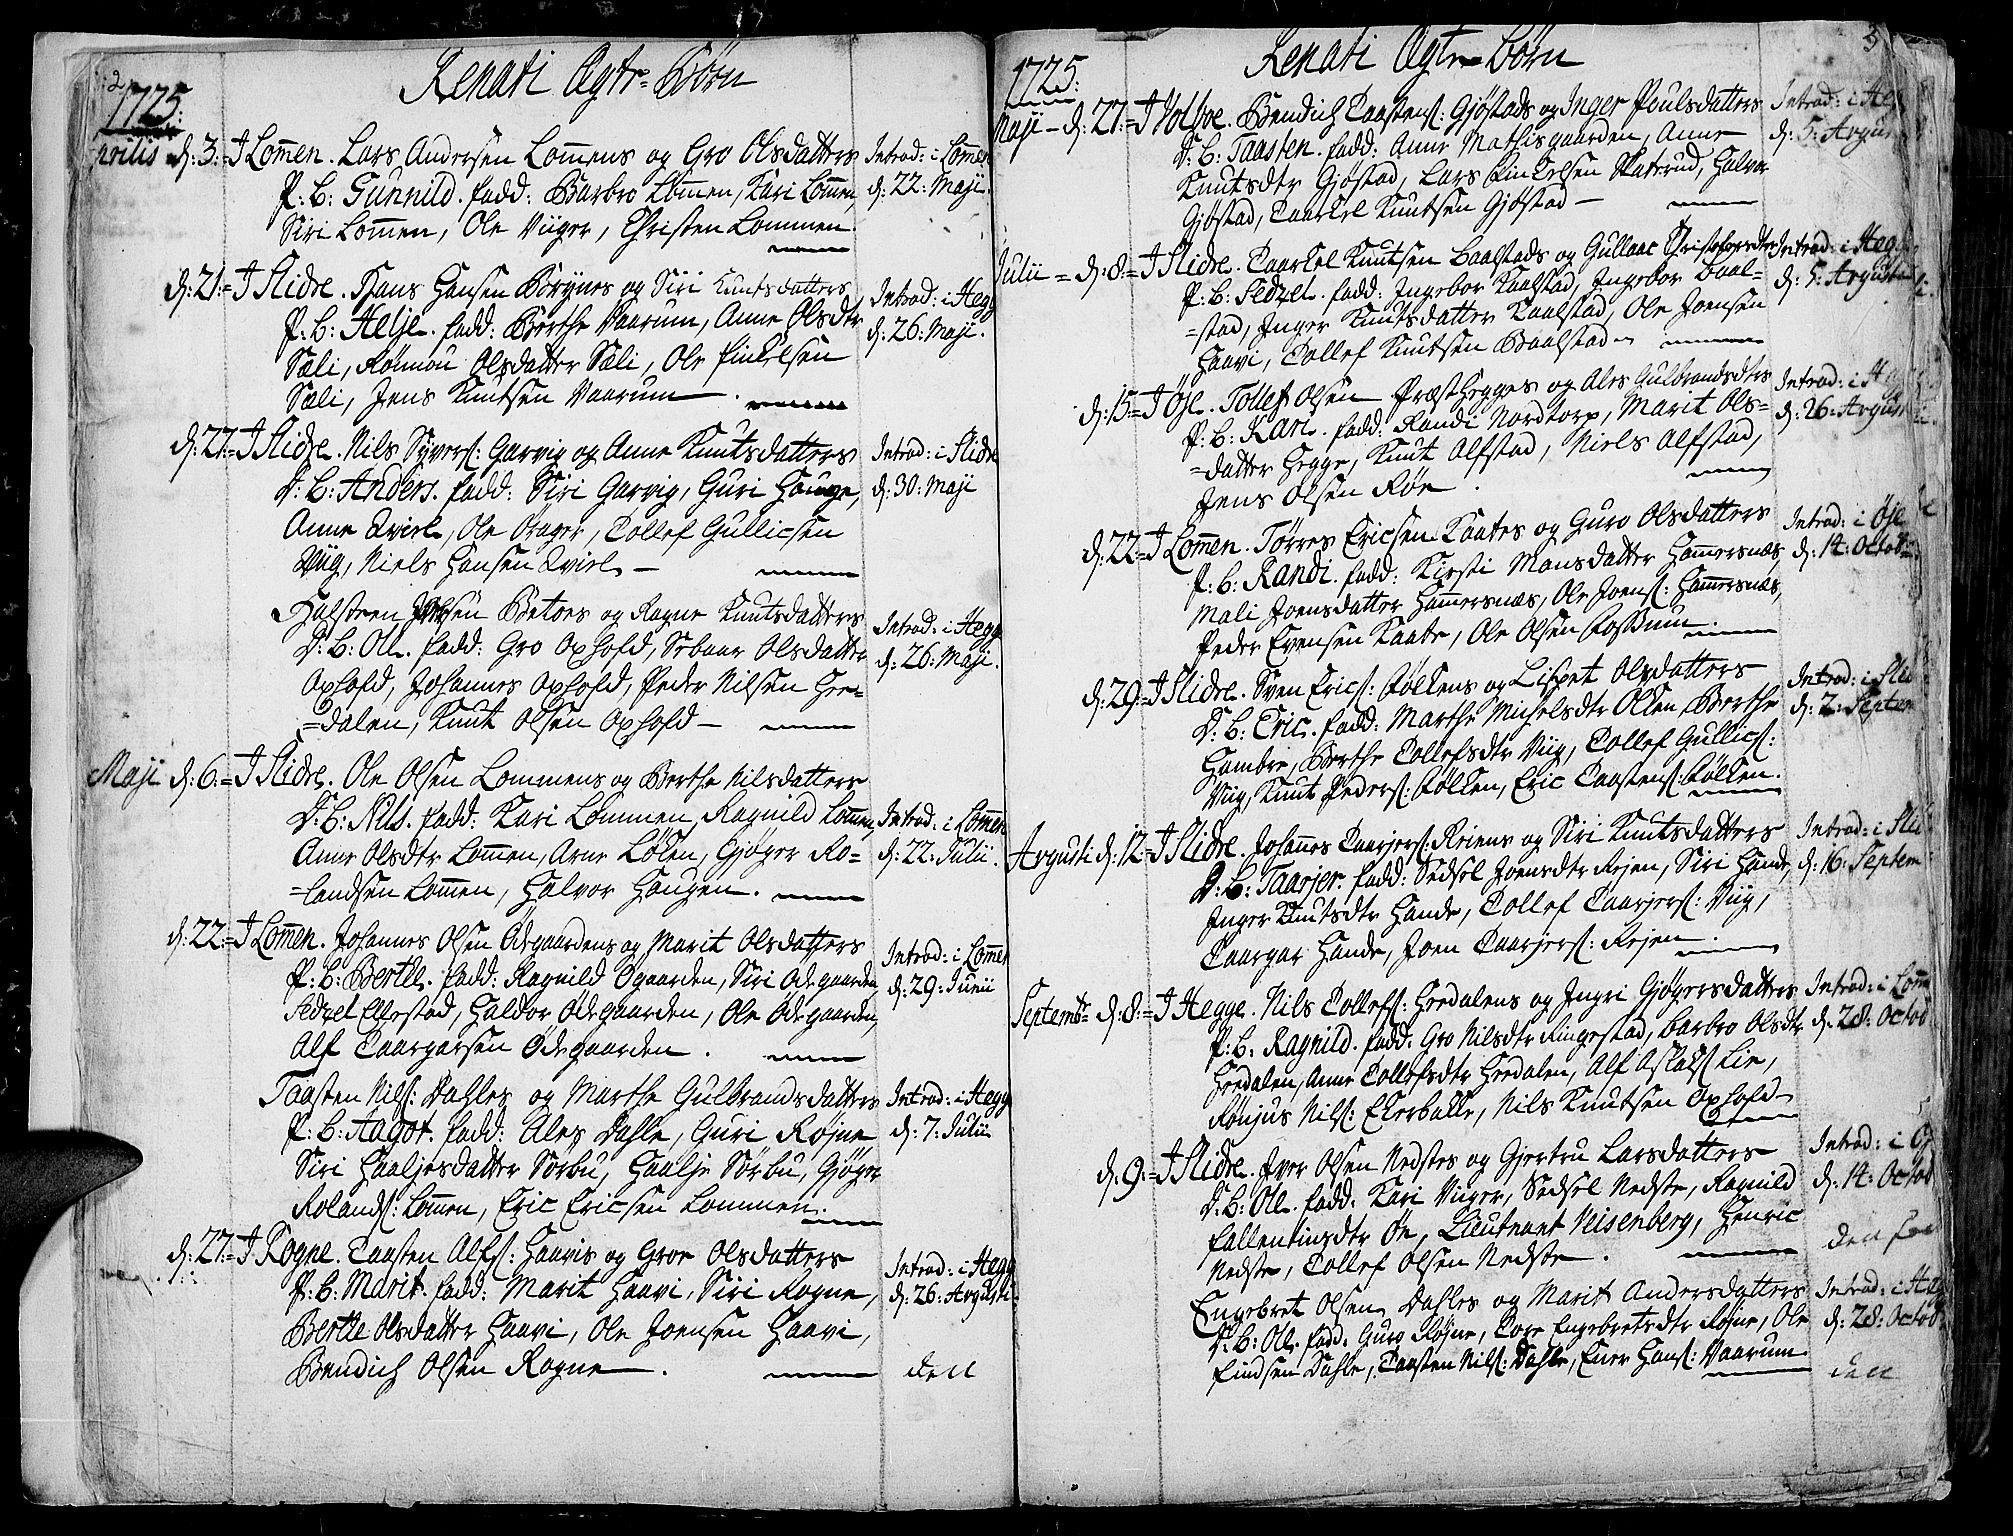 SAH, Slidre prestekontor, Ministerialbok nr. 1, 1724-1814, s. 2-3